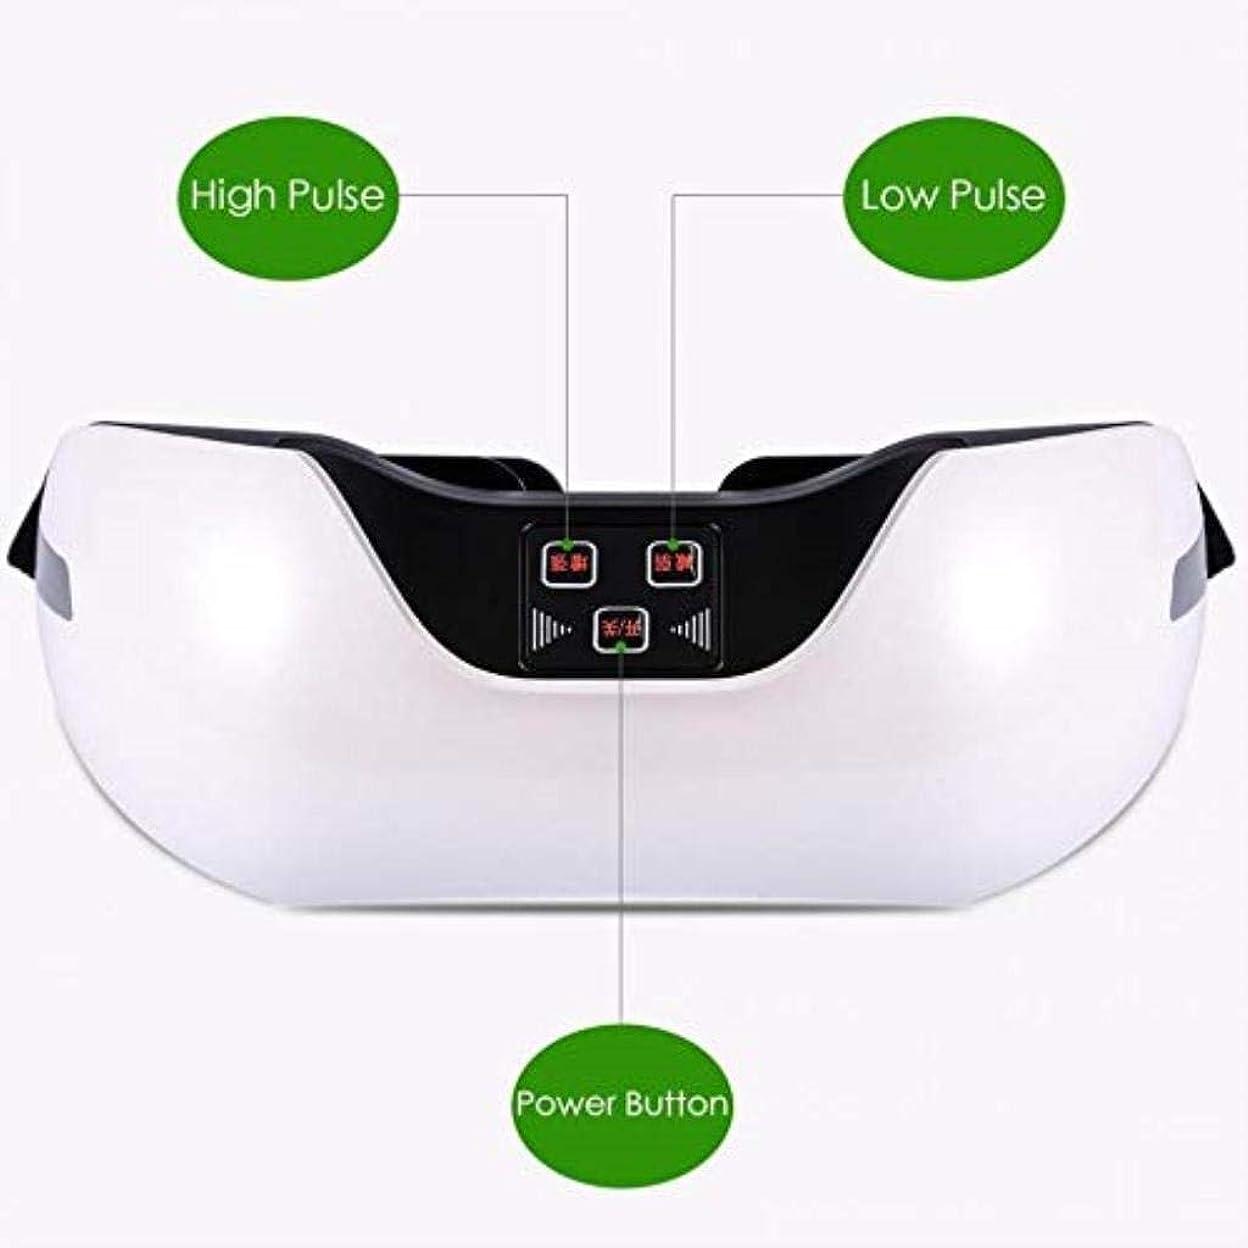 植物学月スクラブ近視の予防のための視力回復器具トレーニングアイマッサージ器具 (Color : White)